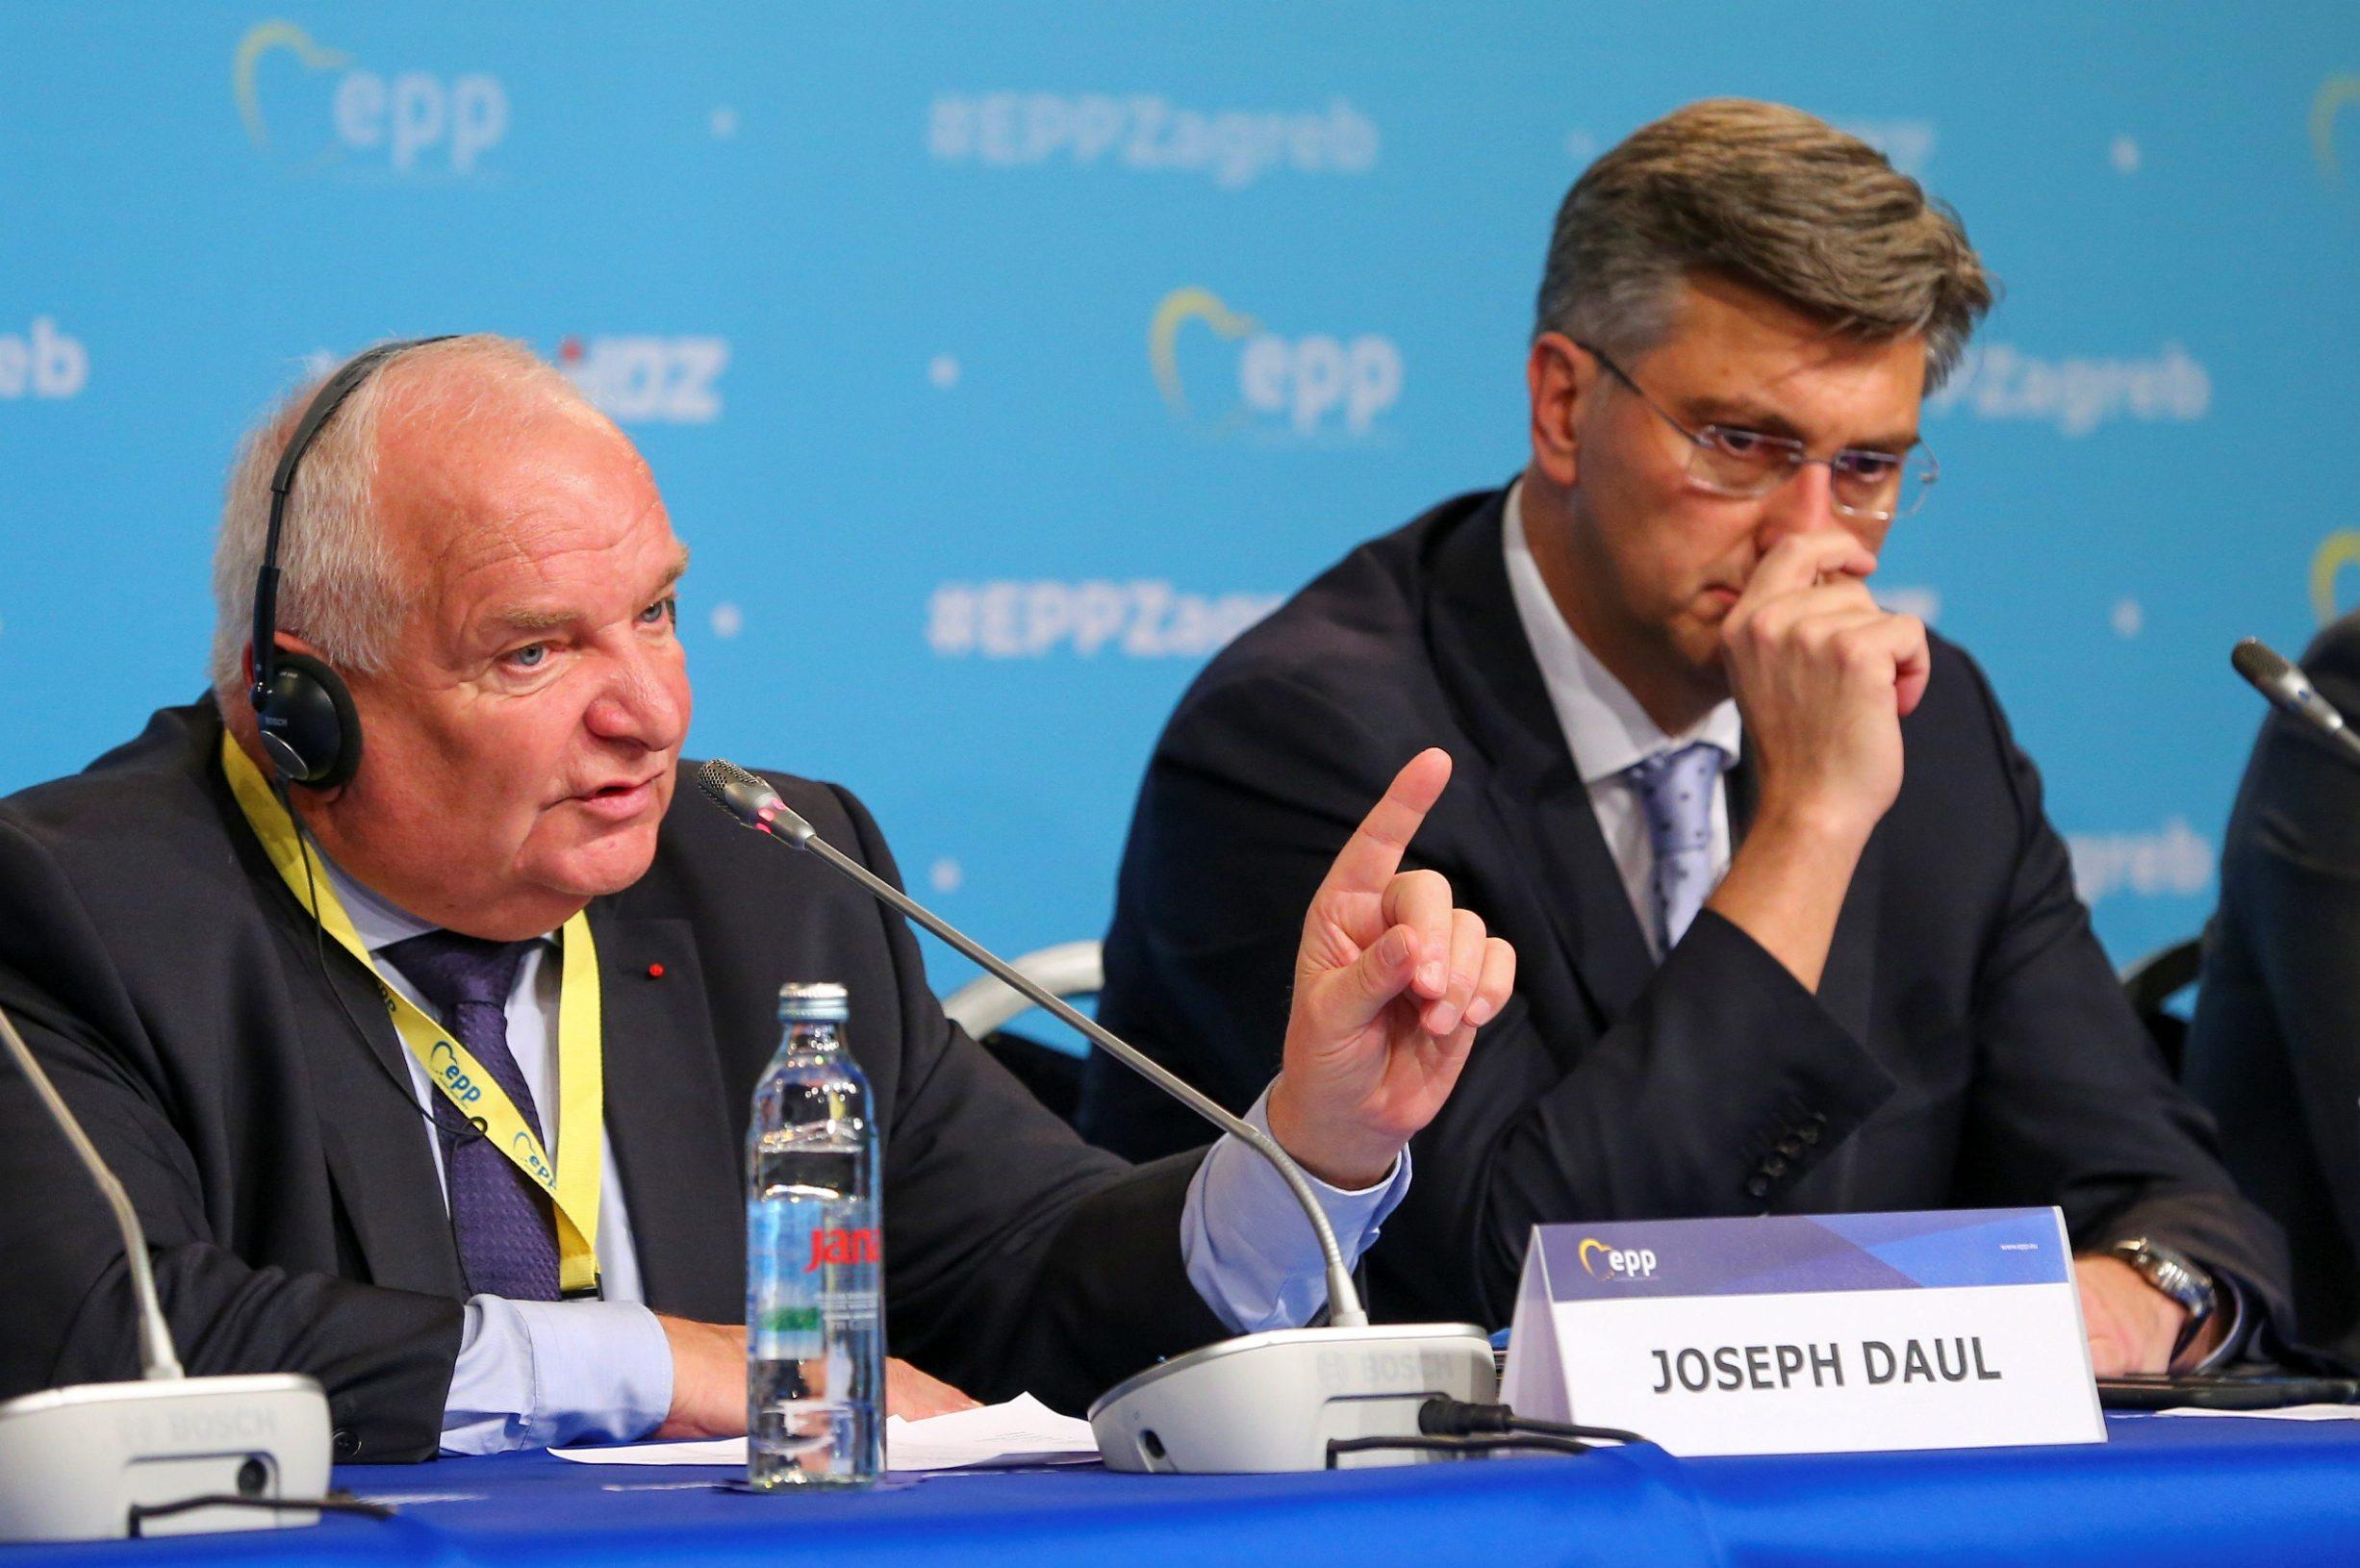 Joseph Daul, Andrej Plenković